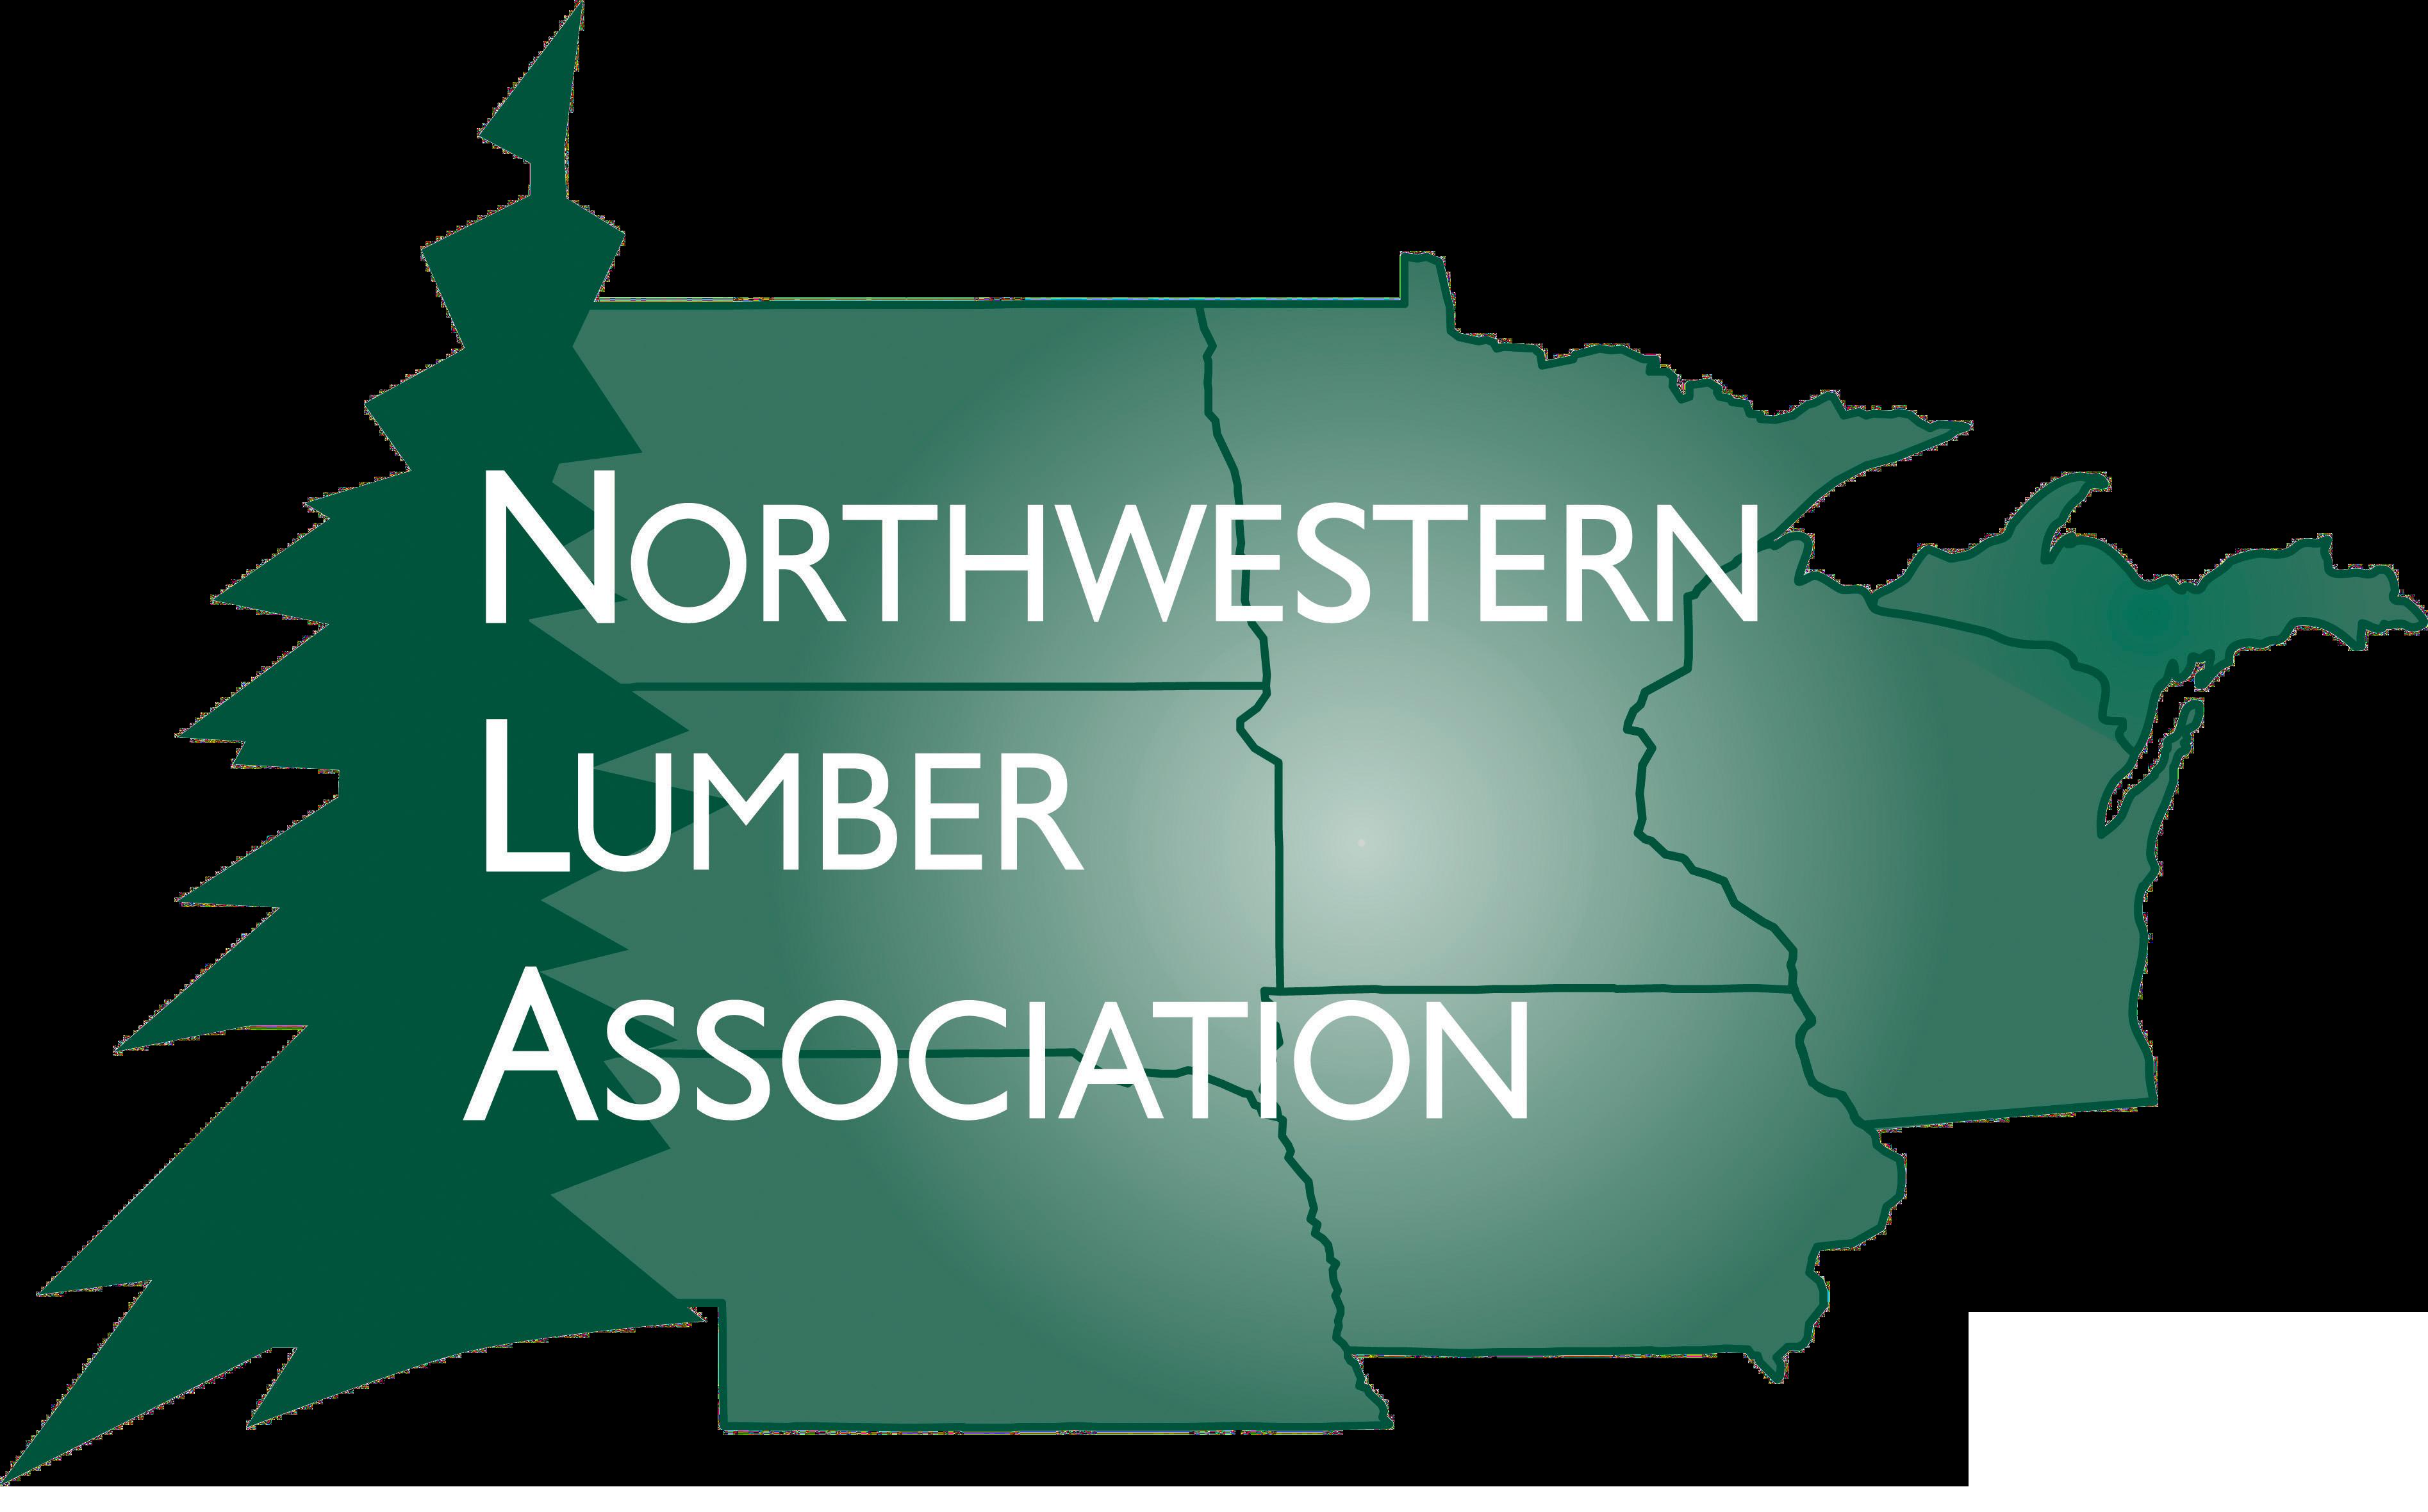 Cancellation/Refund Policy - Northwestern Lumber Association